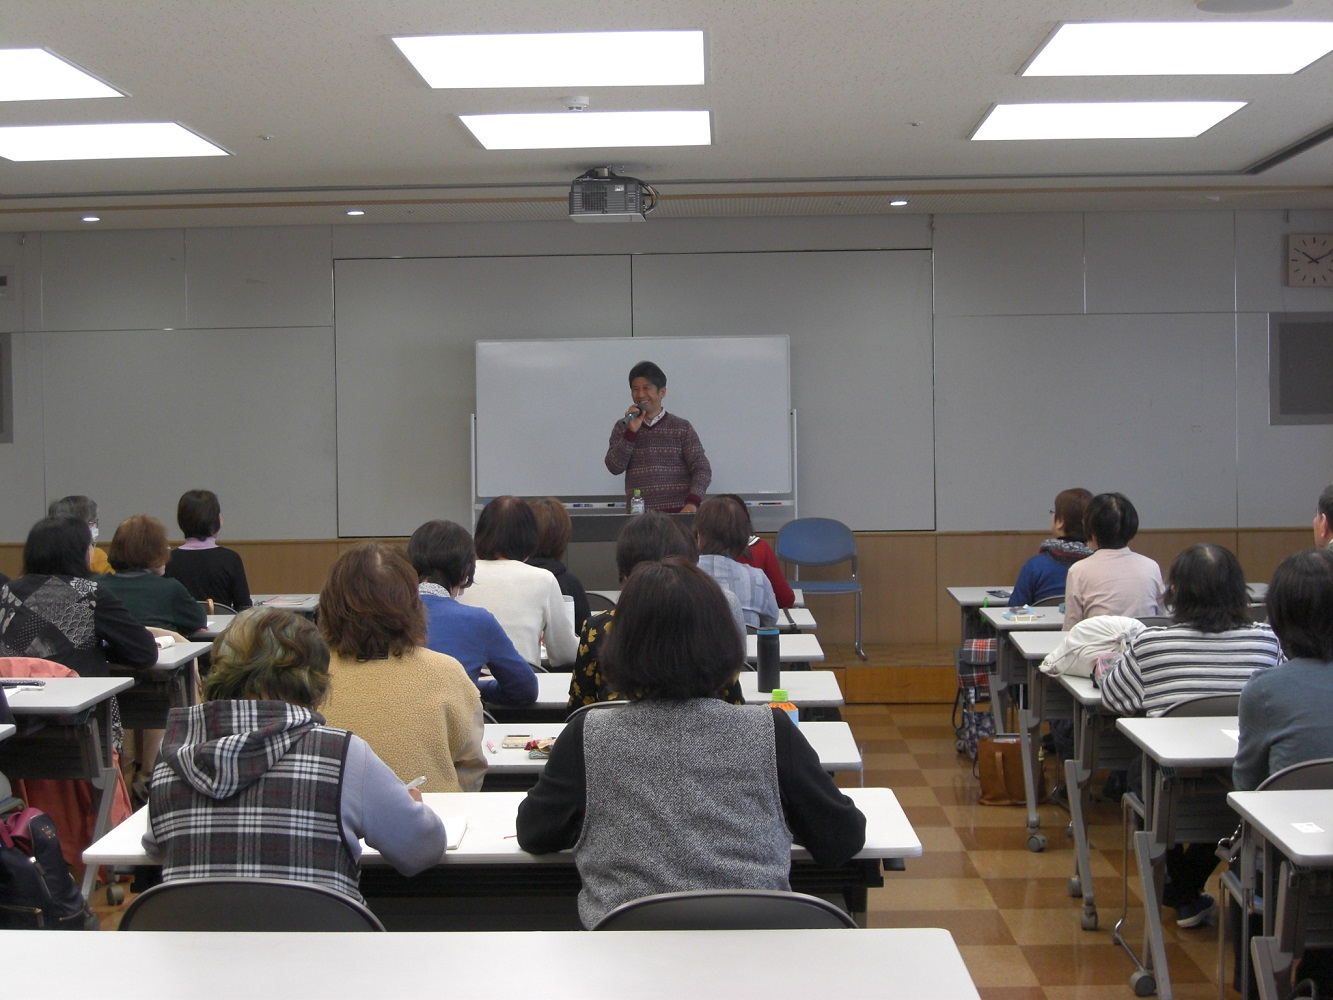 令和元年度第4回フォローアップ研修会「お母さん攻略法」を開催しました